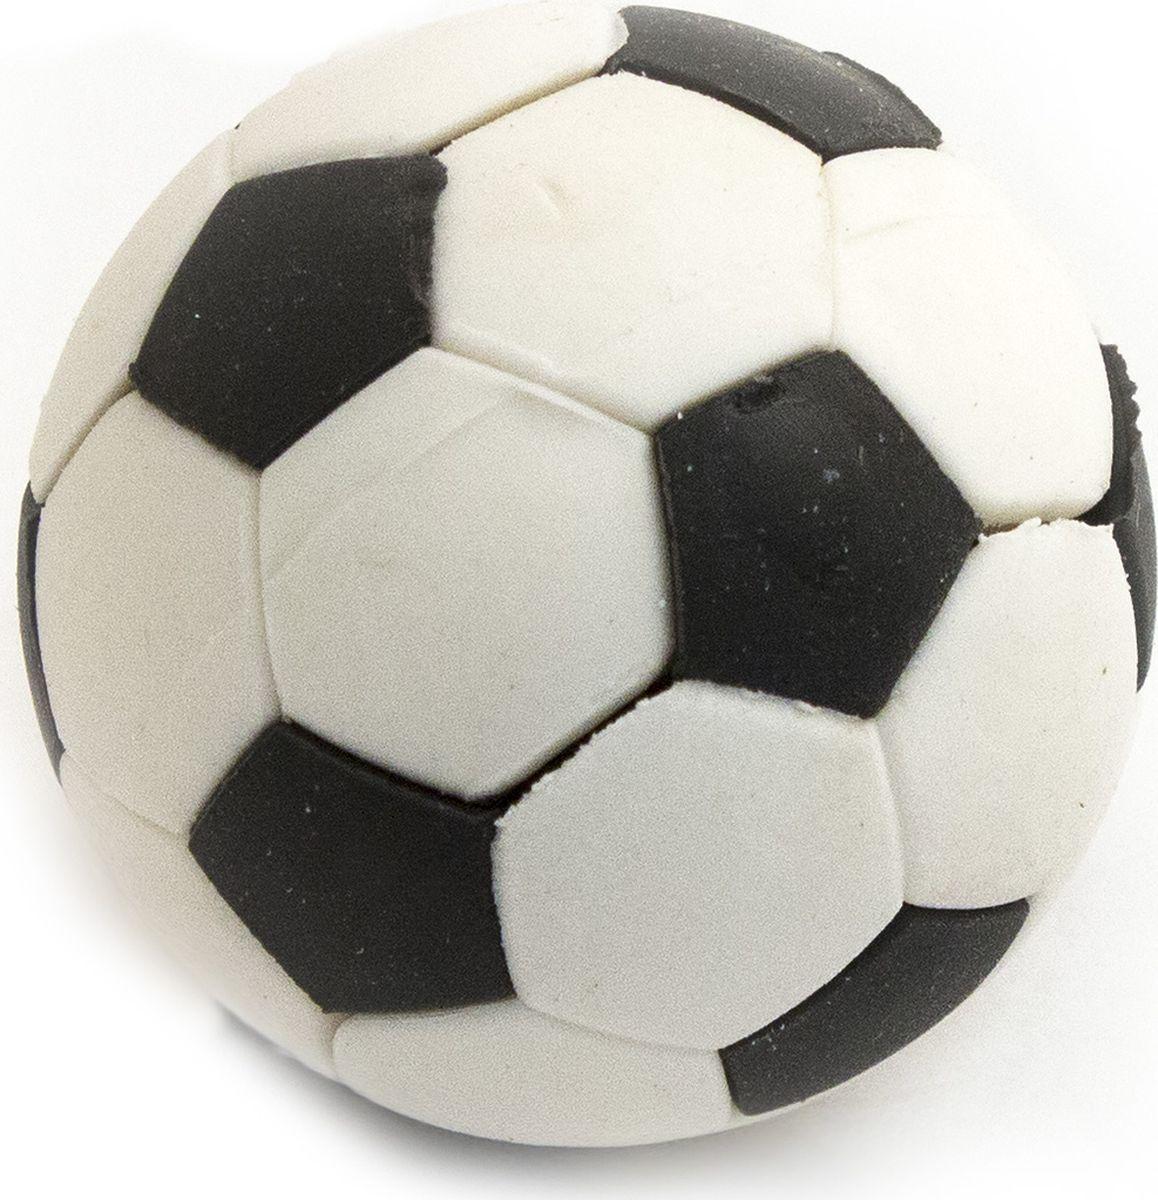 Ластик-пазл Футбол Ластик в форме футбольного мяча на самом деле представляет собой не только канцелярское приспособление, но и небольшой конструктор, собирающийся воедино из трёх частей. Разобрав ластик на грани, удобно стирать элементы, требующие тонкой работы, а собранным круглым мячиком хорошо манипулировать там, где требуется охватить сразу большую площадь чертежа или рисунка. Материал: полирезина Упаковка: блистер на картоне Размер (см):4,5x4,5x4,5 Размер упаковки (см):11x8,5x4 Bec : 80 граммов